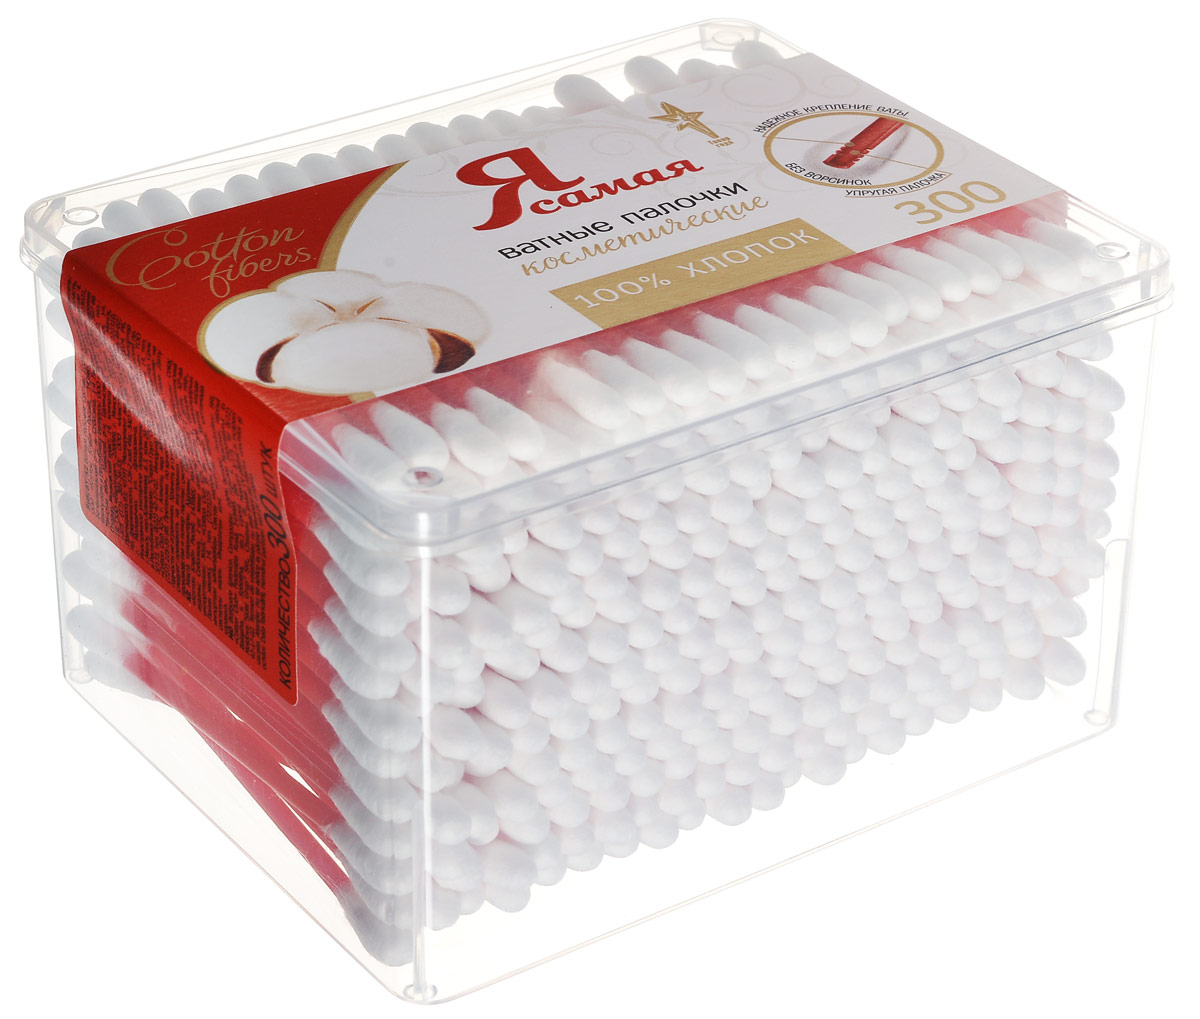 Ватные палочки Я самая, 300 шт28032022Ватные палочки Я самая используются для очищения и удаления влаги в складках кожи, между пальцами, в области ушей и носа, а также для корректировки макияжа. Характеристики:Материал: 100% хлопок, пластик. Размер упаковки: 8,5 см х 9 см х 8 см. Производитель: Китай. Товар сертифицирован.